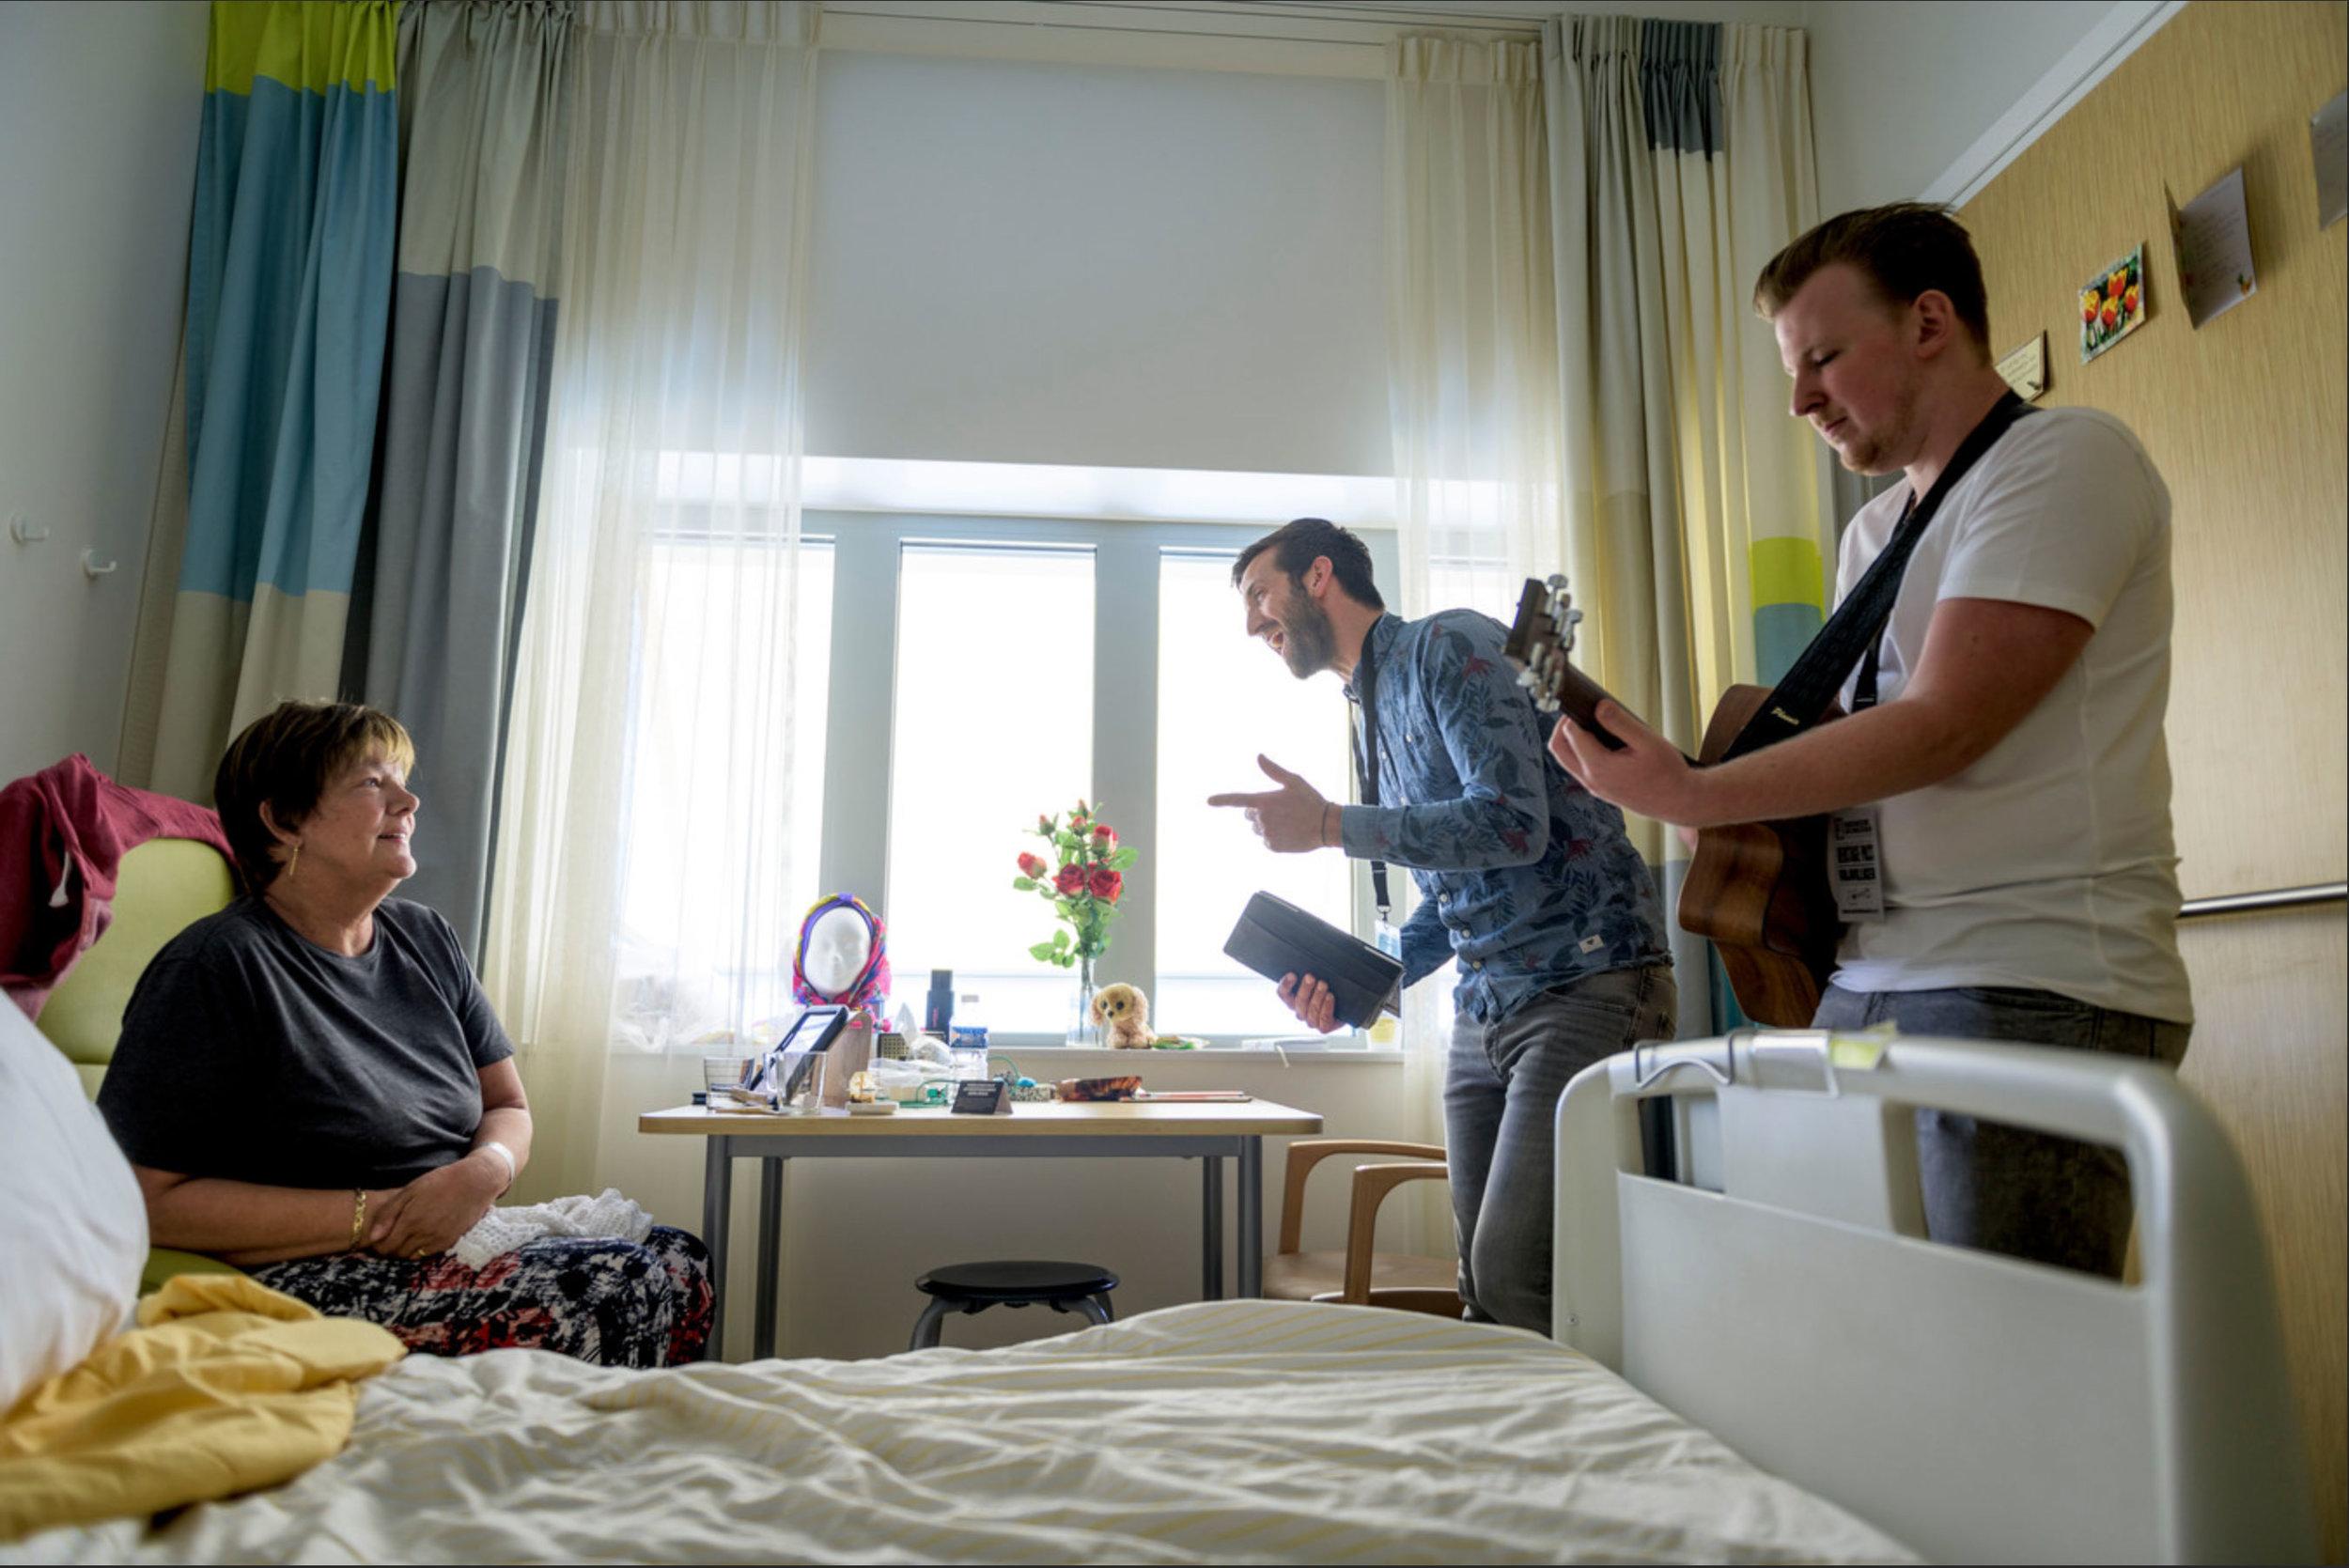 Luuk Nengerman en Benjamin Kuijpers spelen country-muziek, Trudy van der Weerden geniet met volle teugen. Foto: Emiel Muijderman.